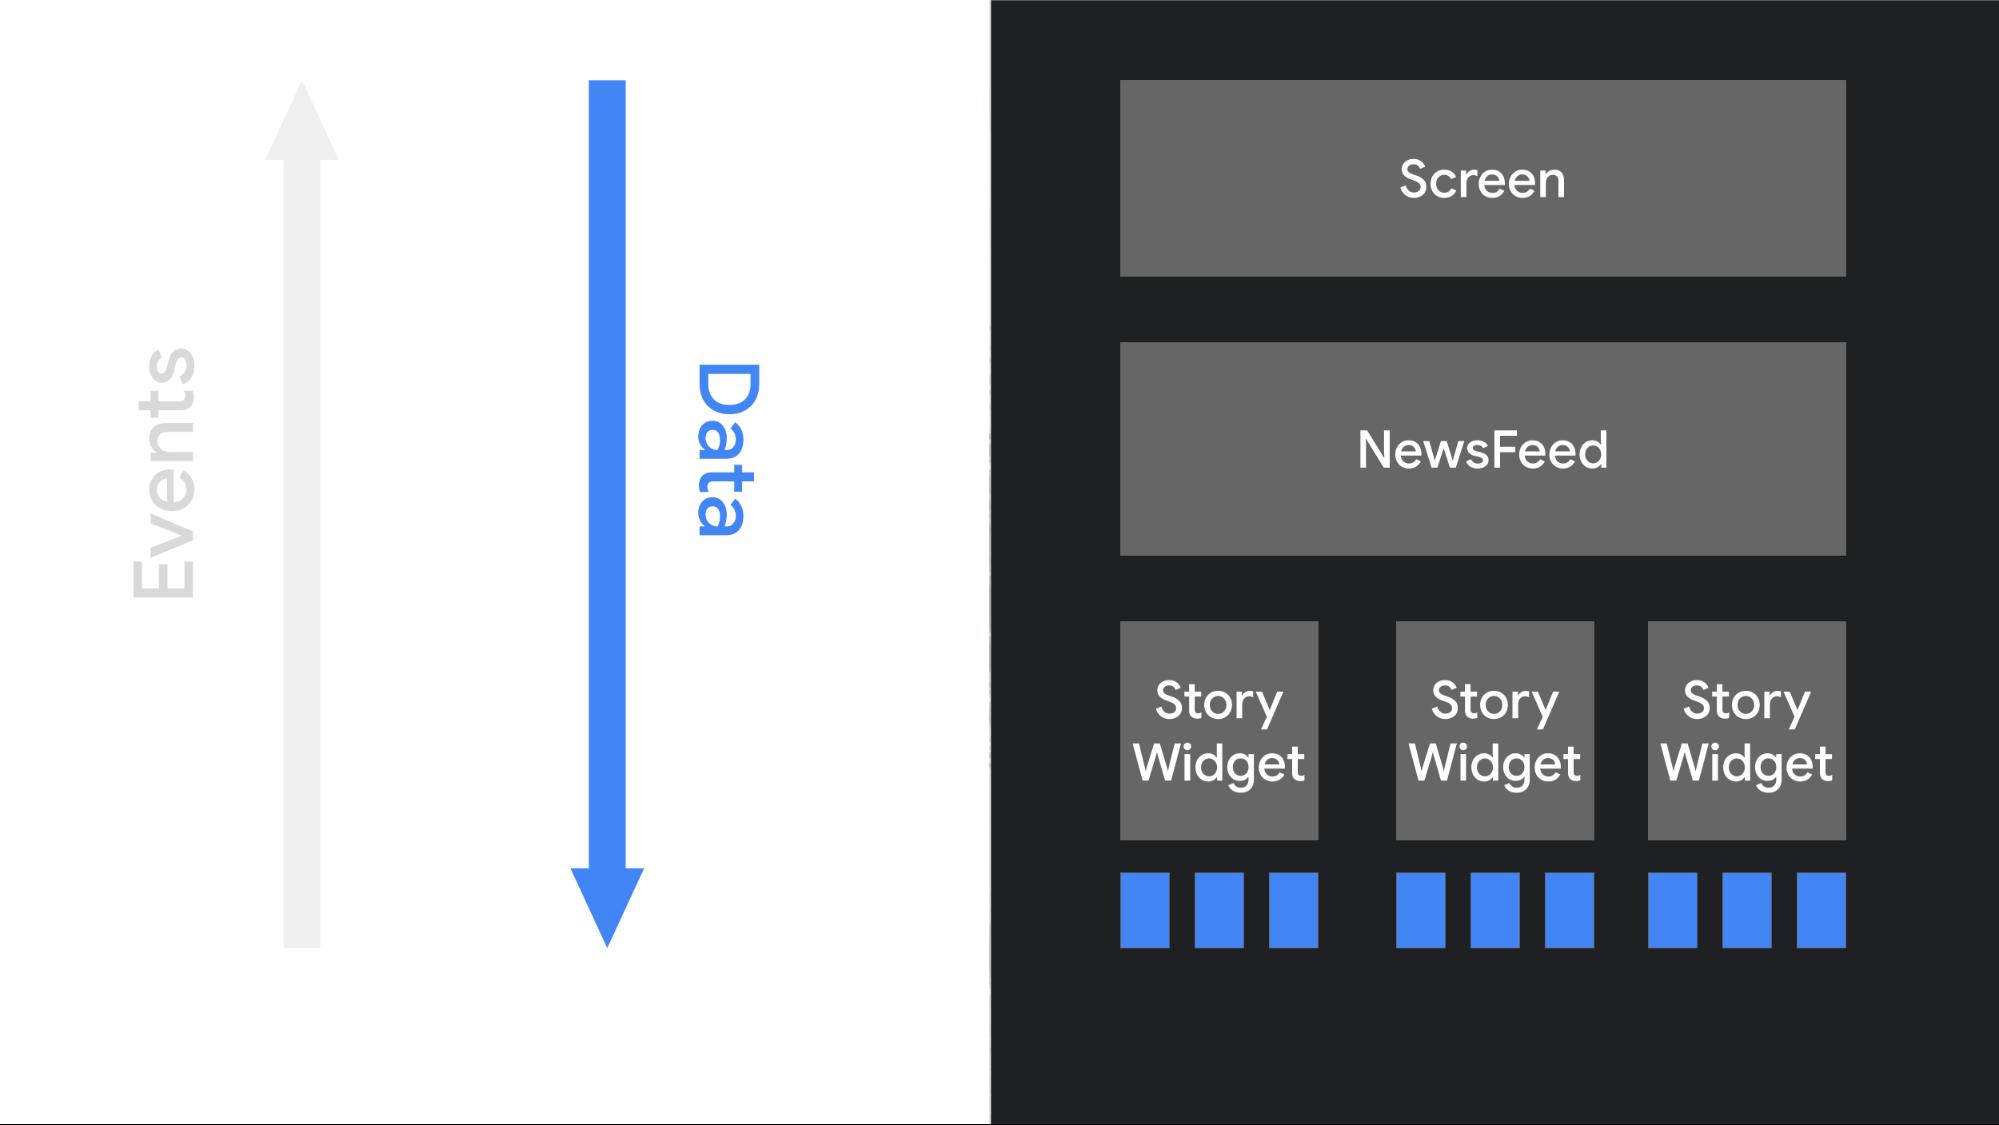 Ilustrasi aliran data di UI Compose, dari objek tingkat tinggi hingga turunannya.